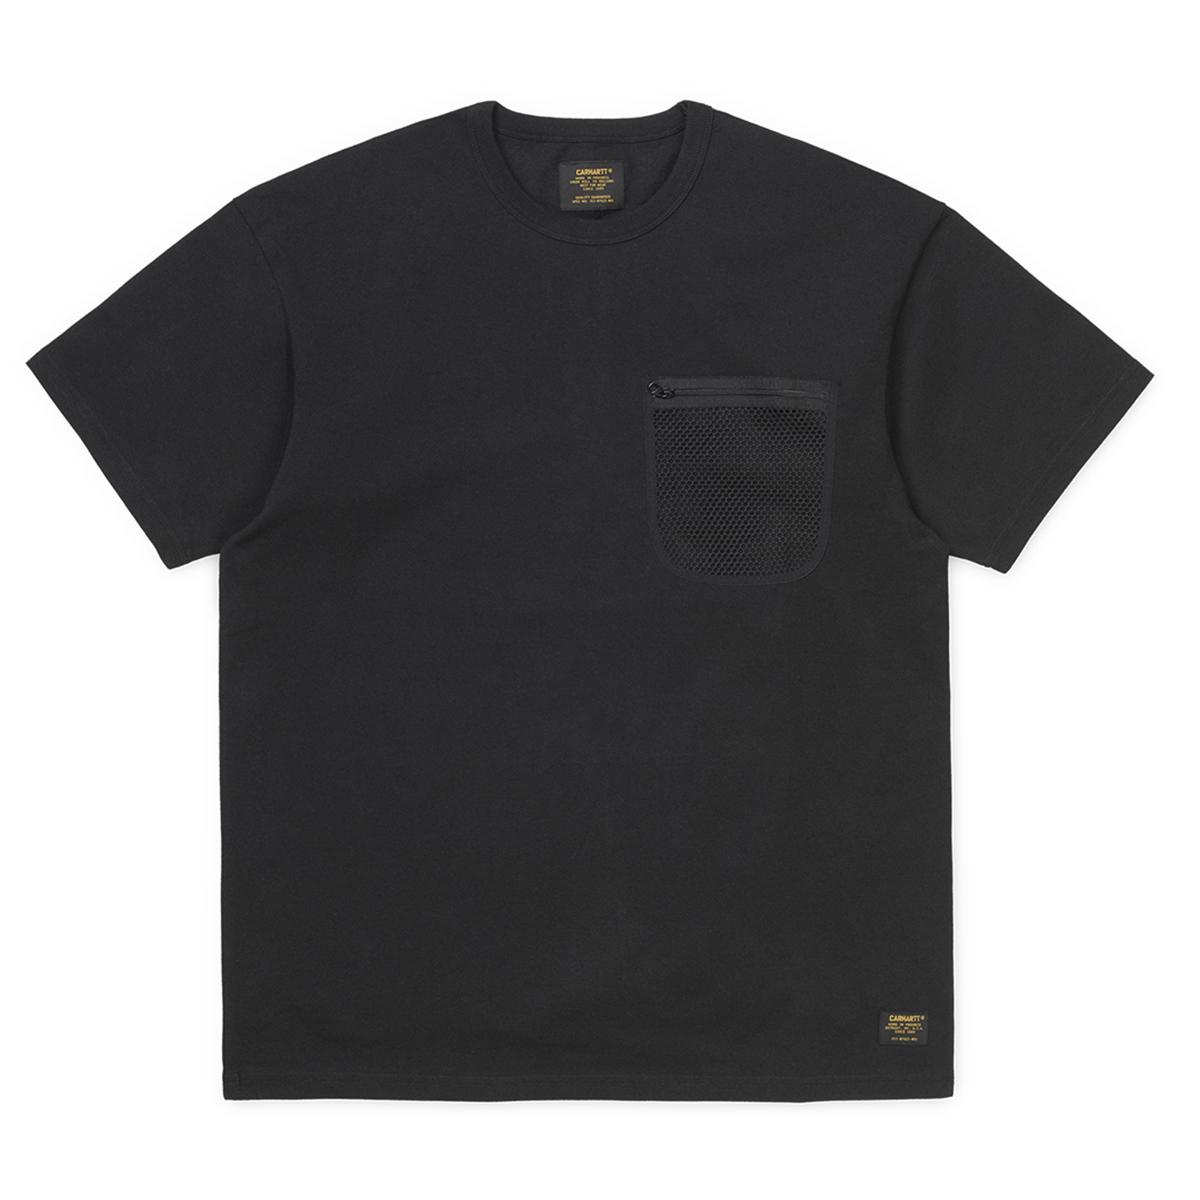 S/S Military Mesh T-Shirt